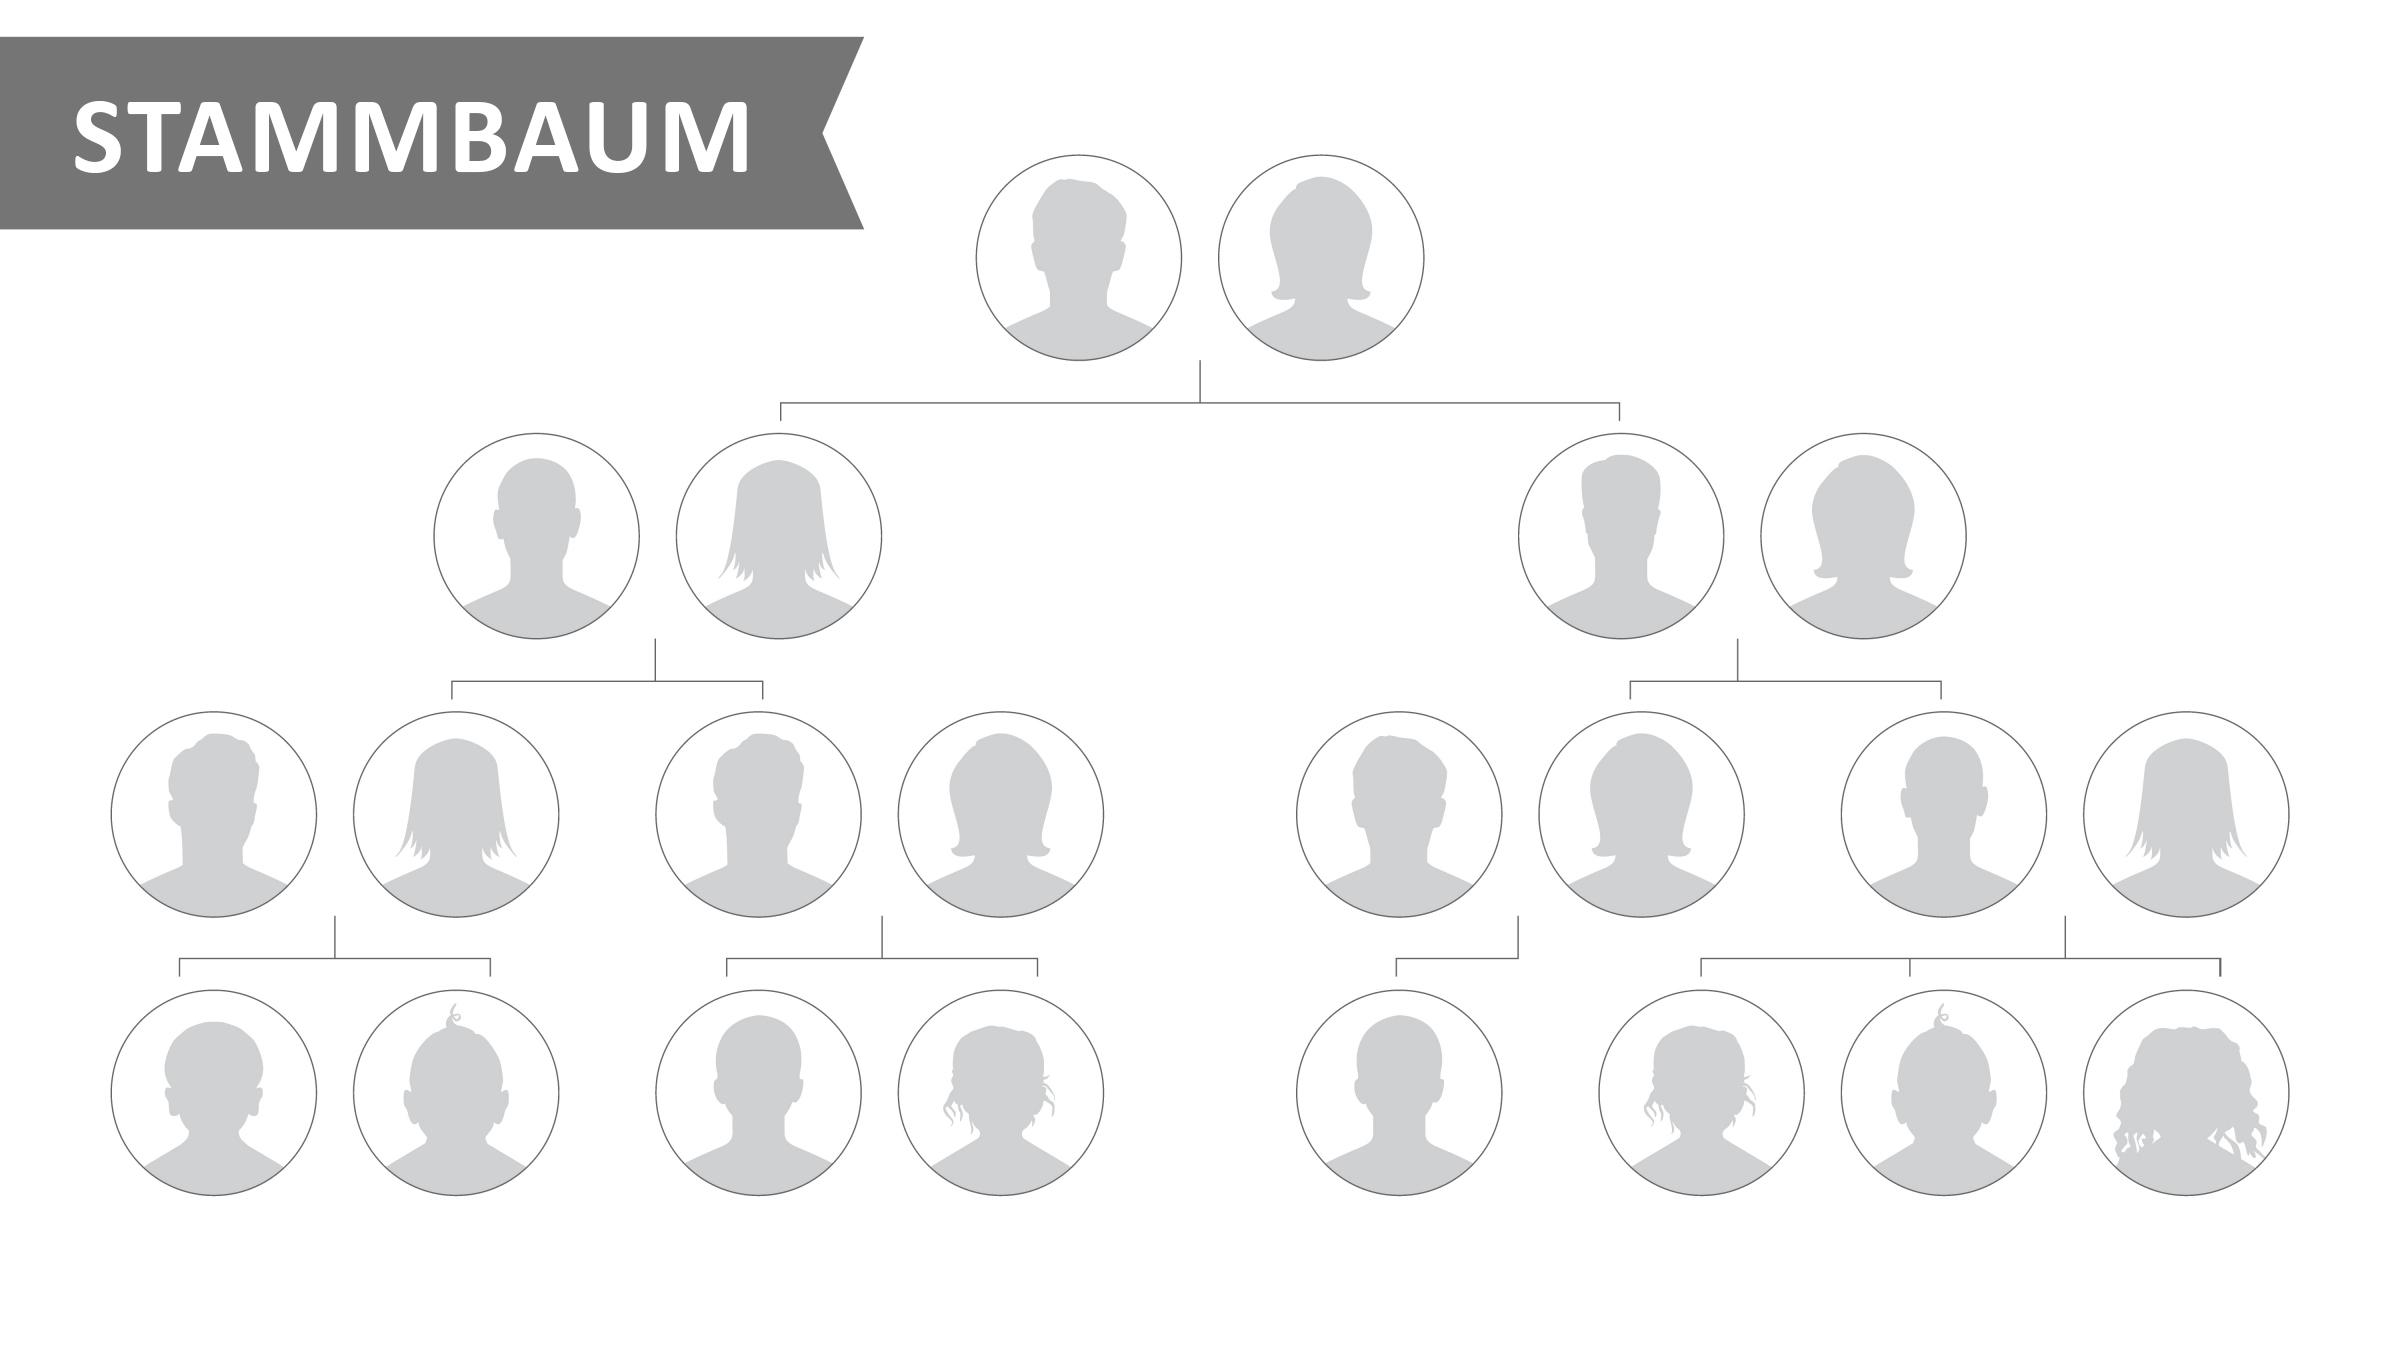 Genetische Information nicht zur Untersuchung von Kunden, sondern von deren Verwandten nutzen. Ein Stammbaum | Illustration: Shutterstock